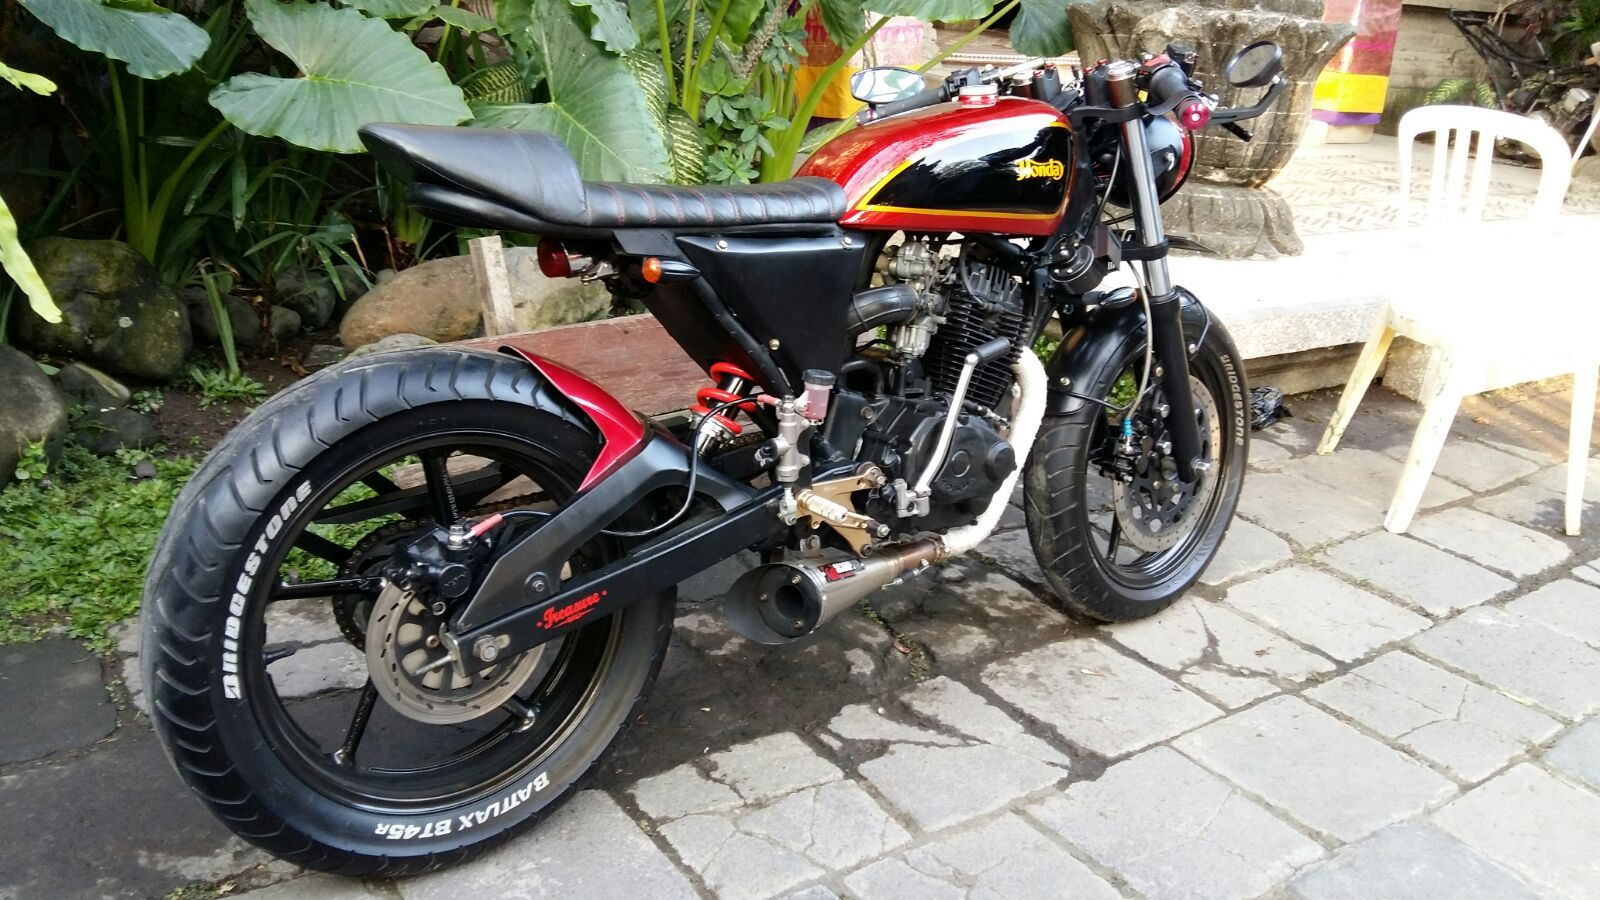 Honda tiger 2000 custom